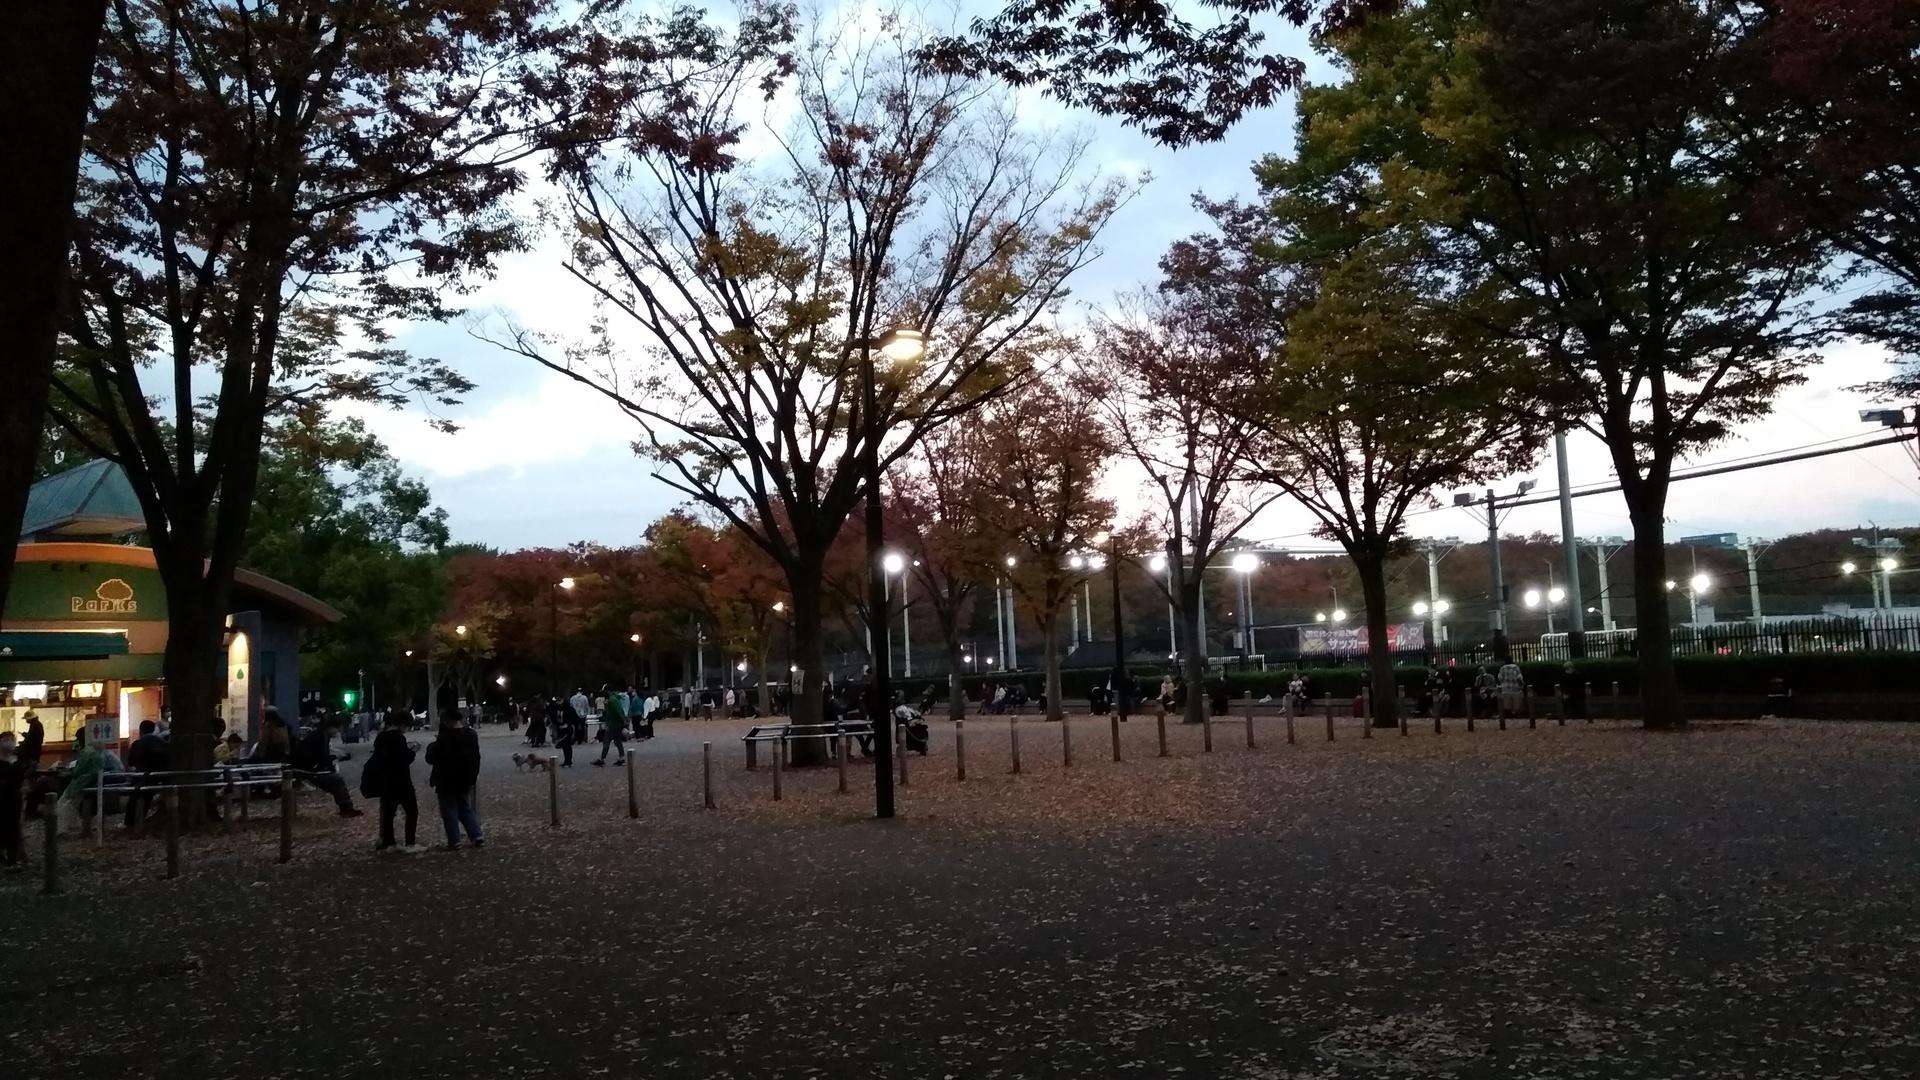 代々木公園 | 港区在住ナミさんのおすすめ観光スポット